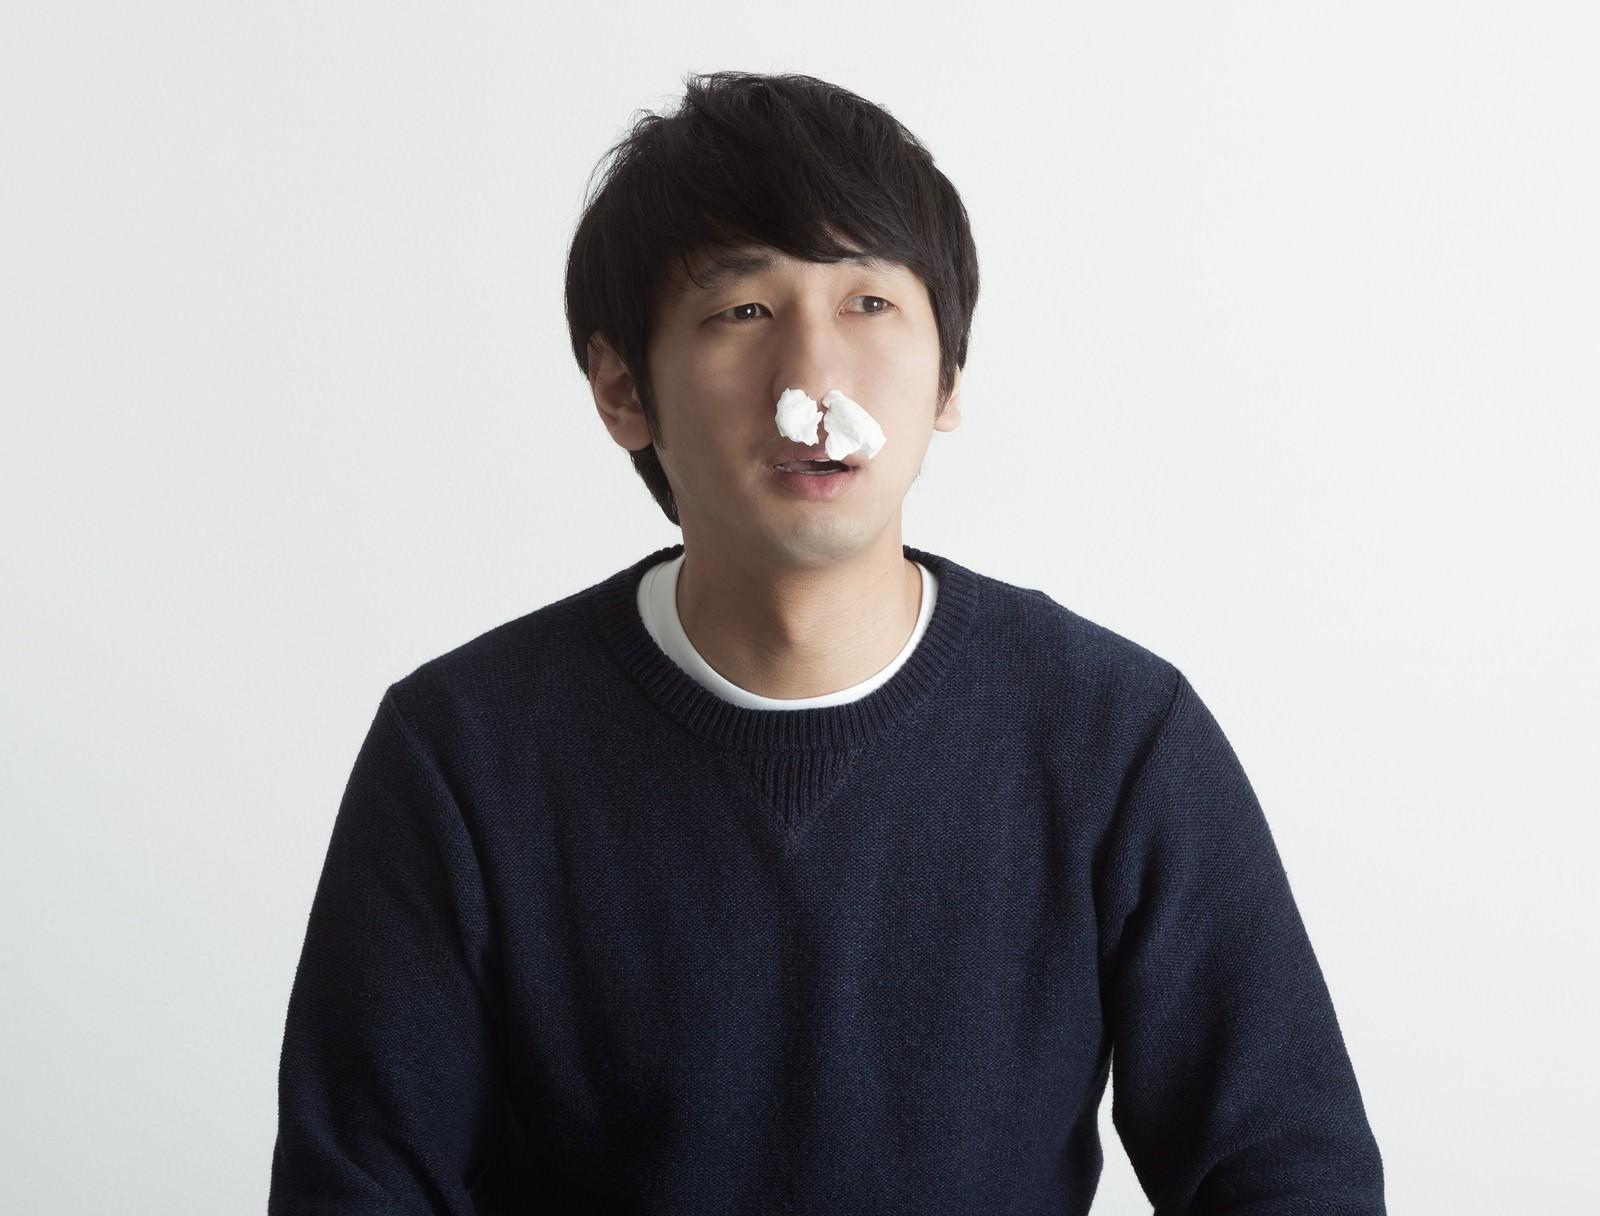 「鼻にティッシュを詰めて興奮を抑える動画サイトユーザー」の写真[モデル:大川竜弥]